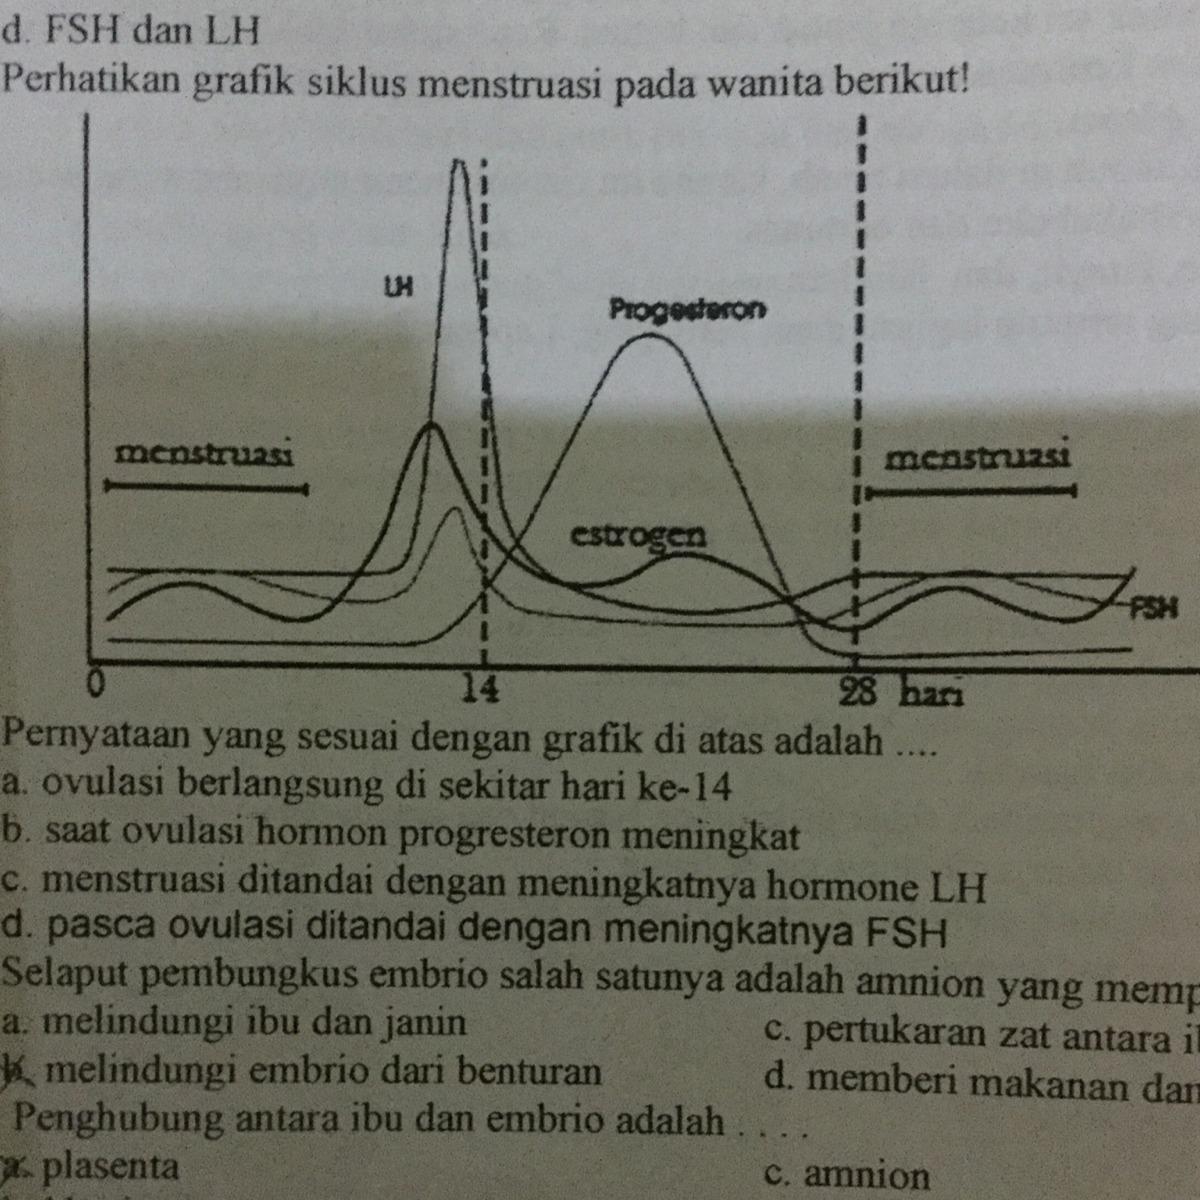 Pernyataan yang sesuai dengan grafik di atas adalah ...